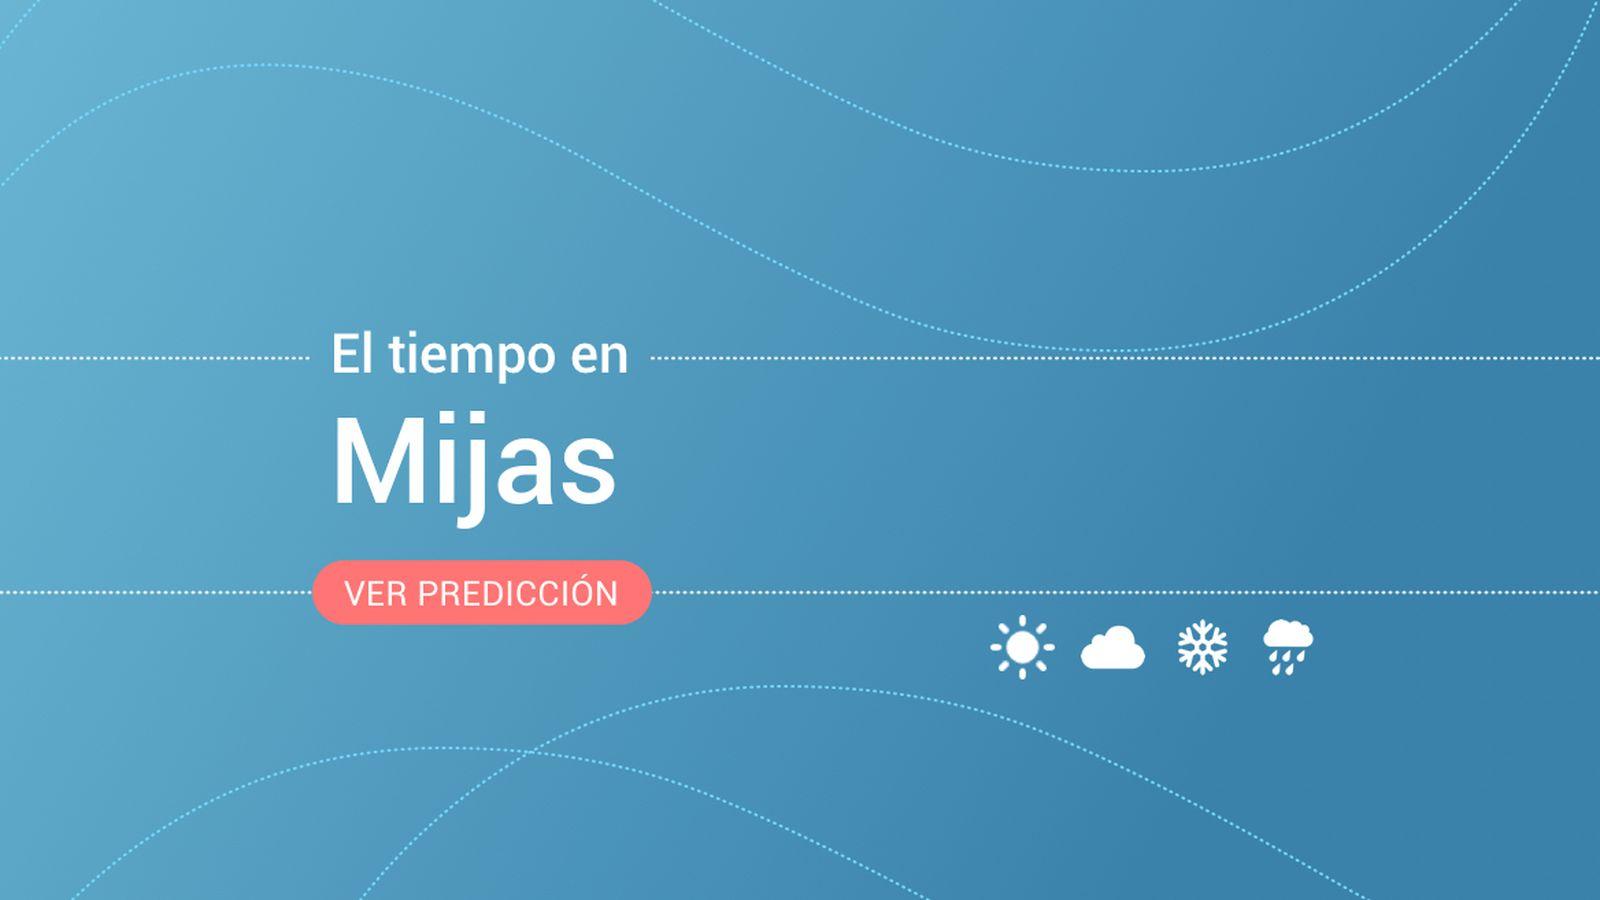 Foto: El tiempo en Mijas. (EC)